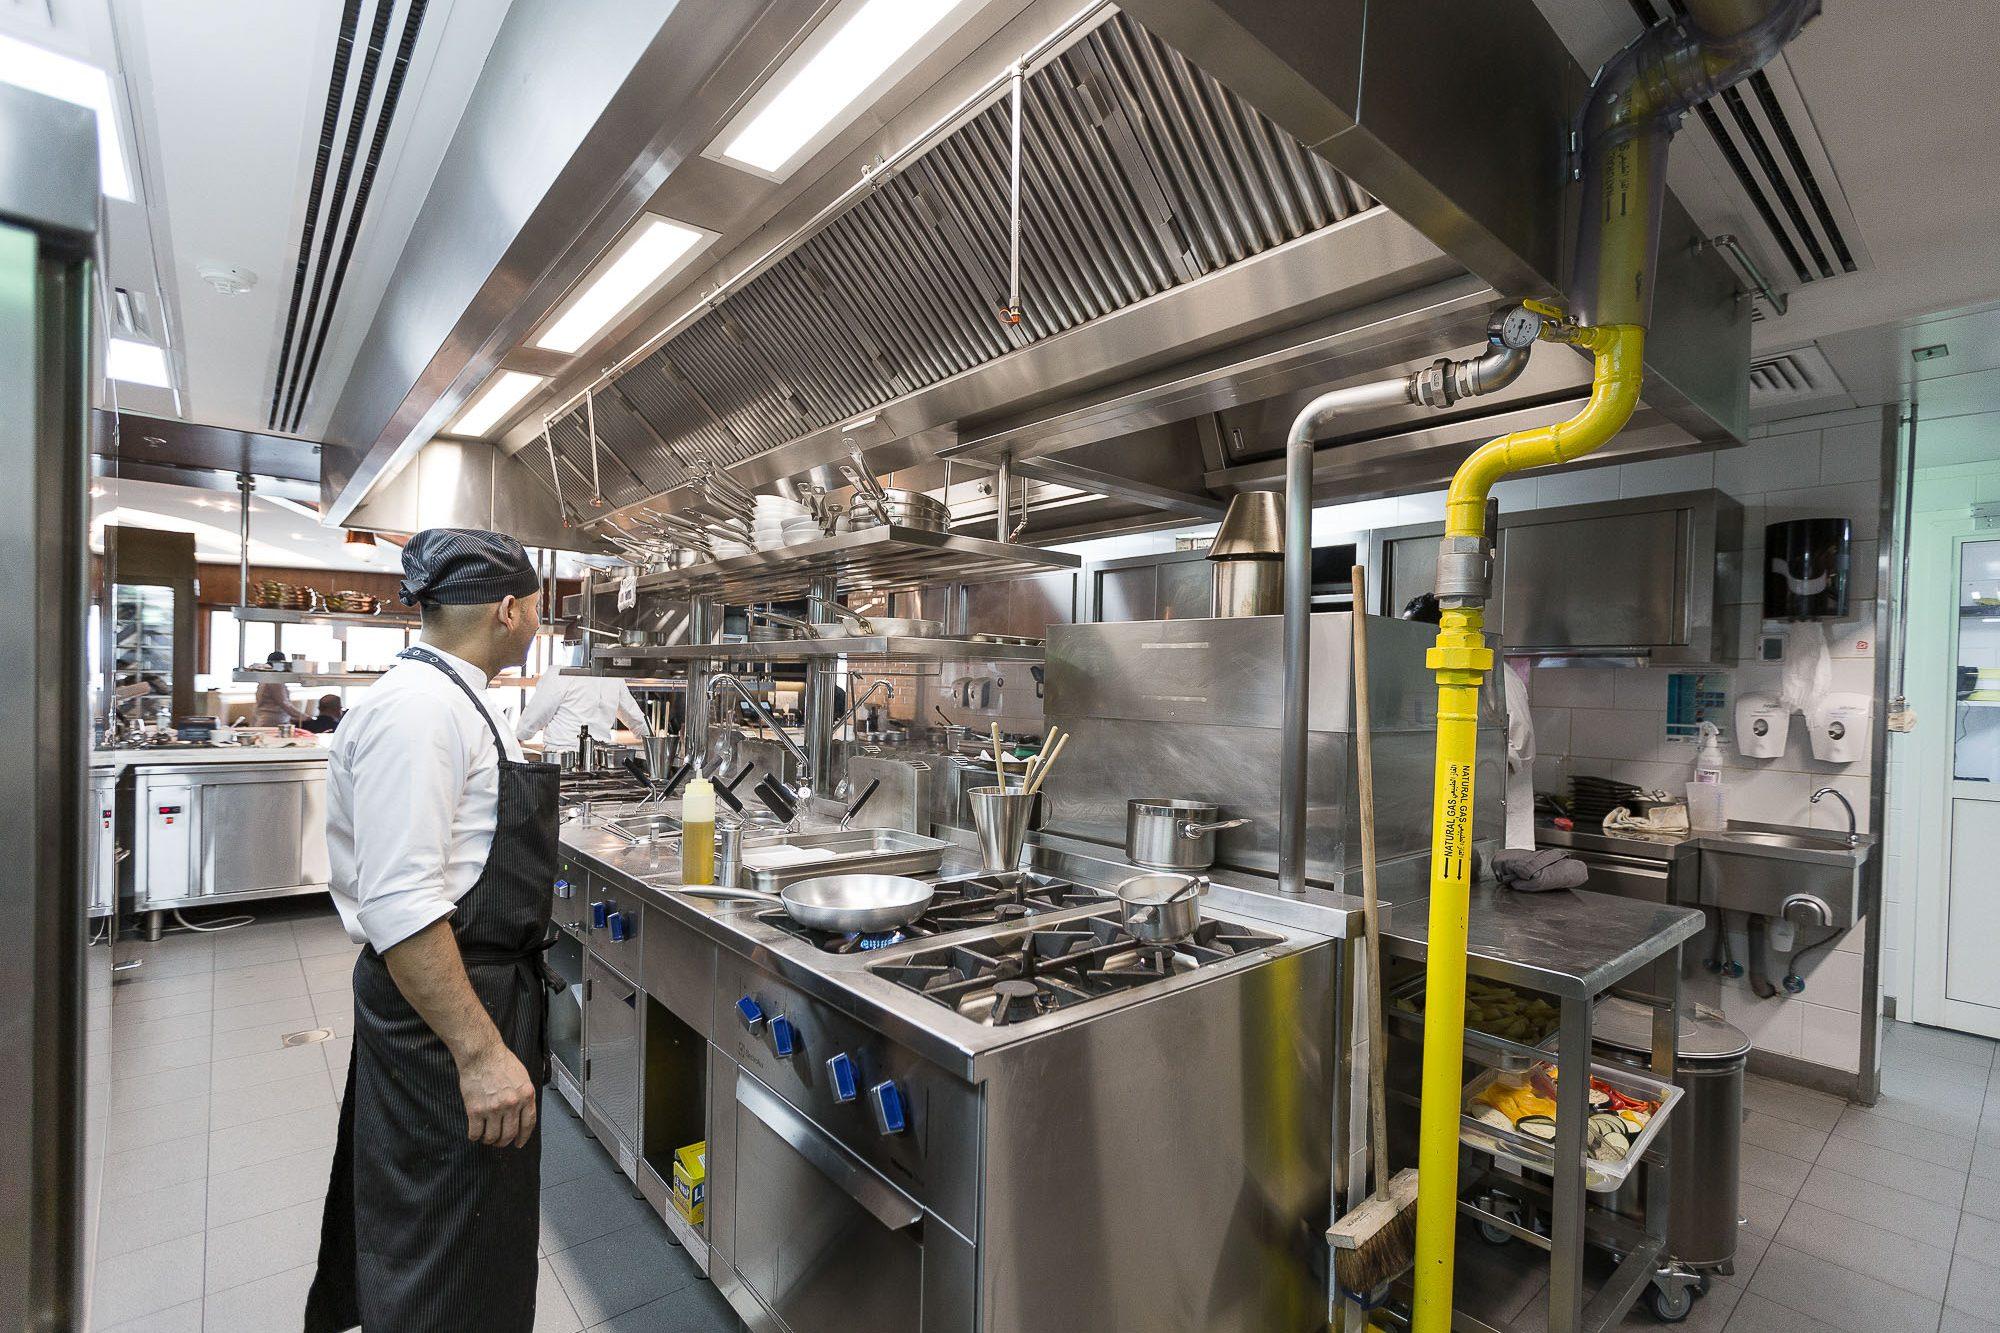 italia_kitchen_robertos_abu_dhabi_20